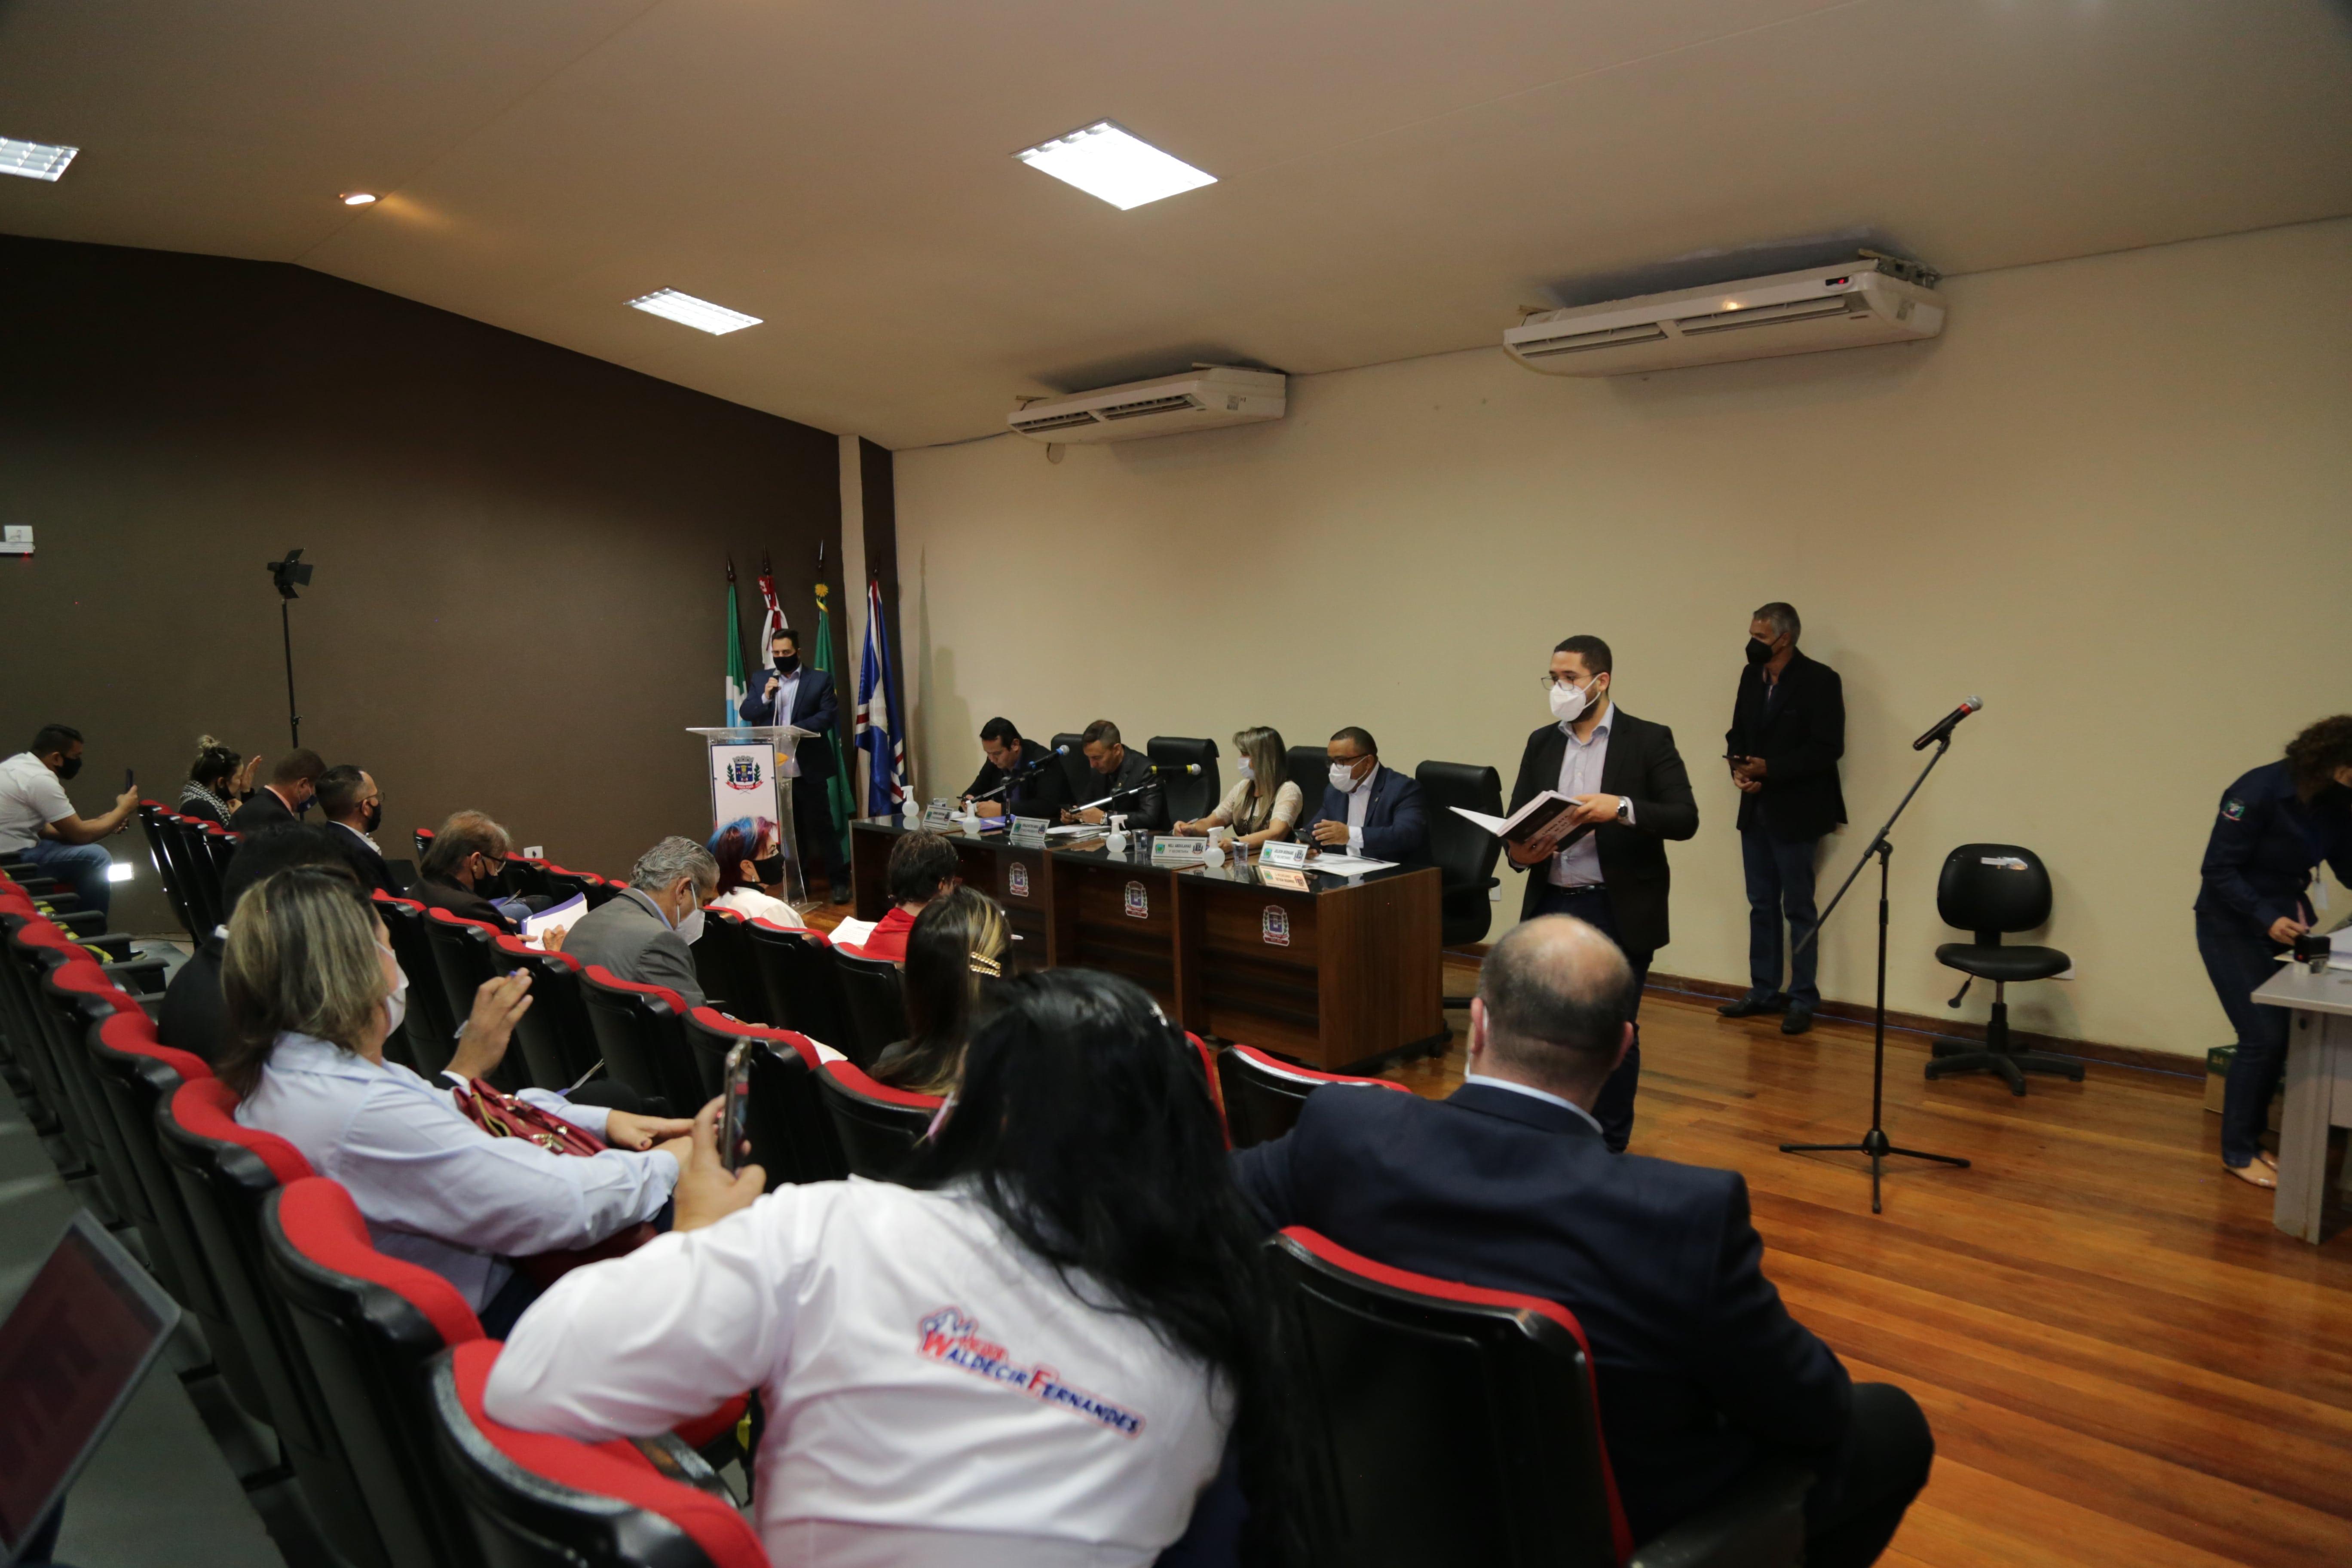 Câmara Municipal aprova LDO com 18 emendas